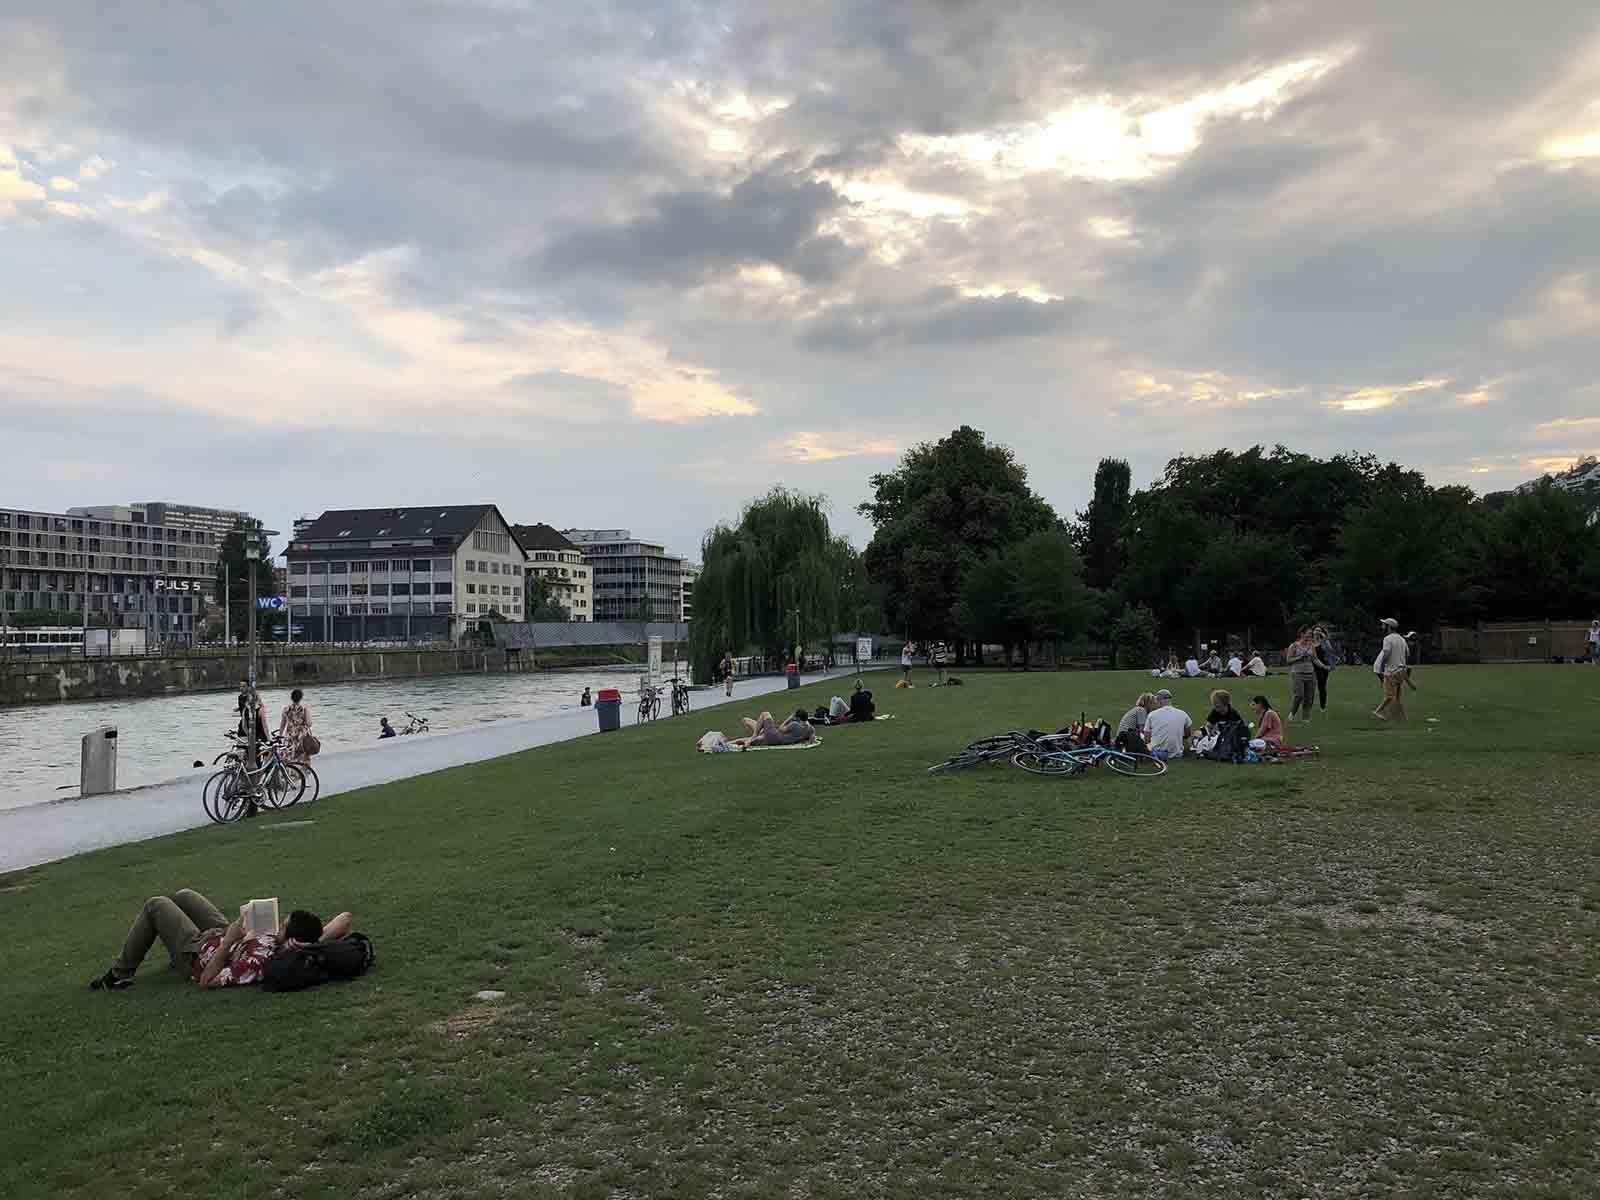 Sommerliche Abendstimmung im Wipkingerpark, eine Idylle, die allerdings durch die Emissionen und Folgen von Einweg-Grills gestört wird. Es gäbe Alternativen.